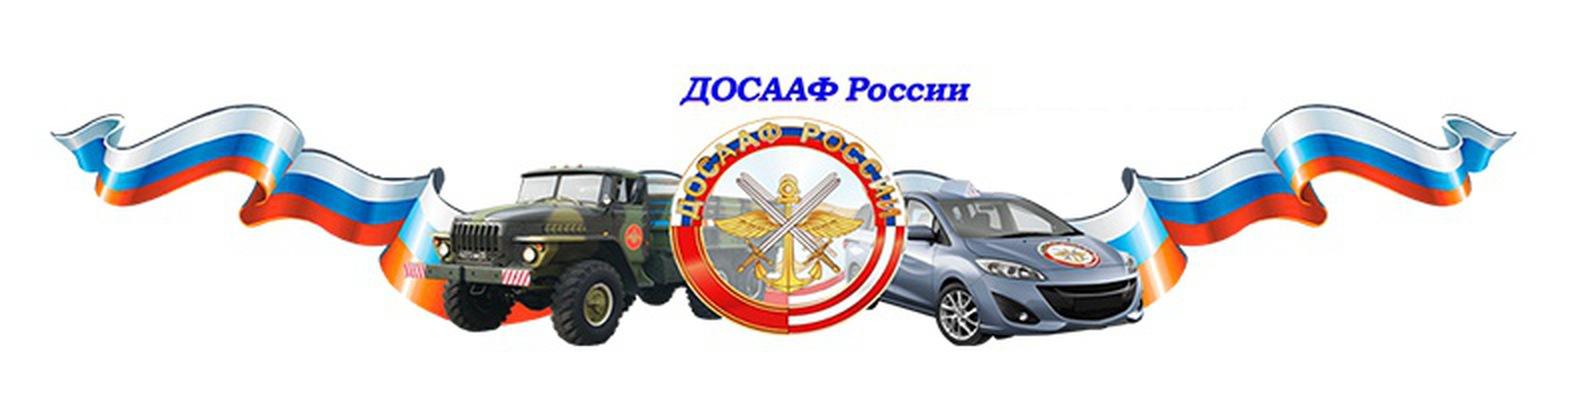 Досааф россии открытка, открытка для красивой